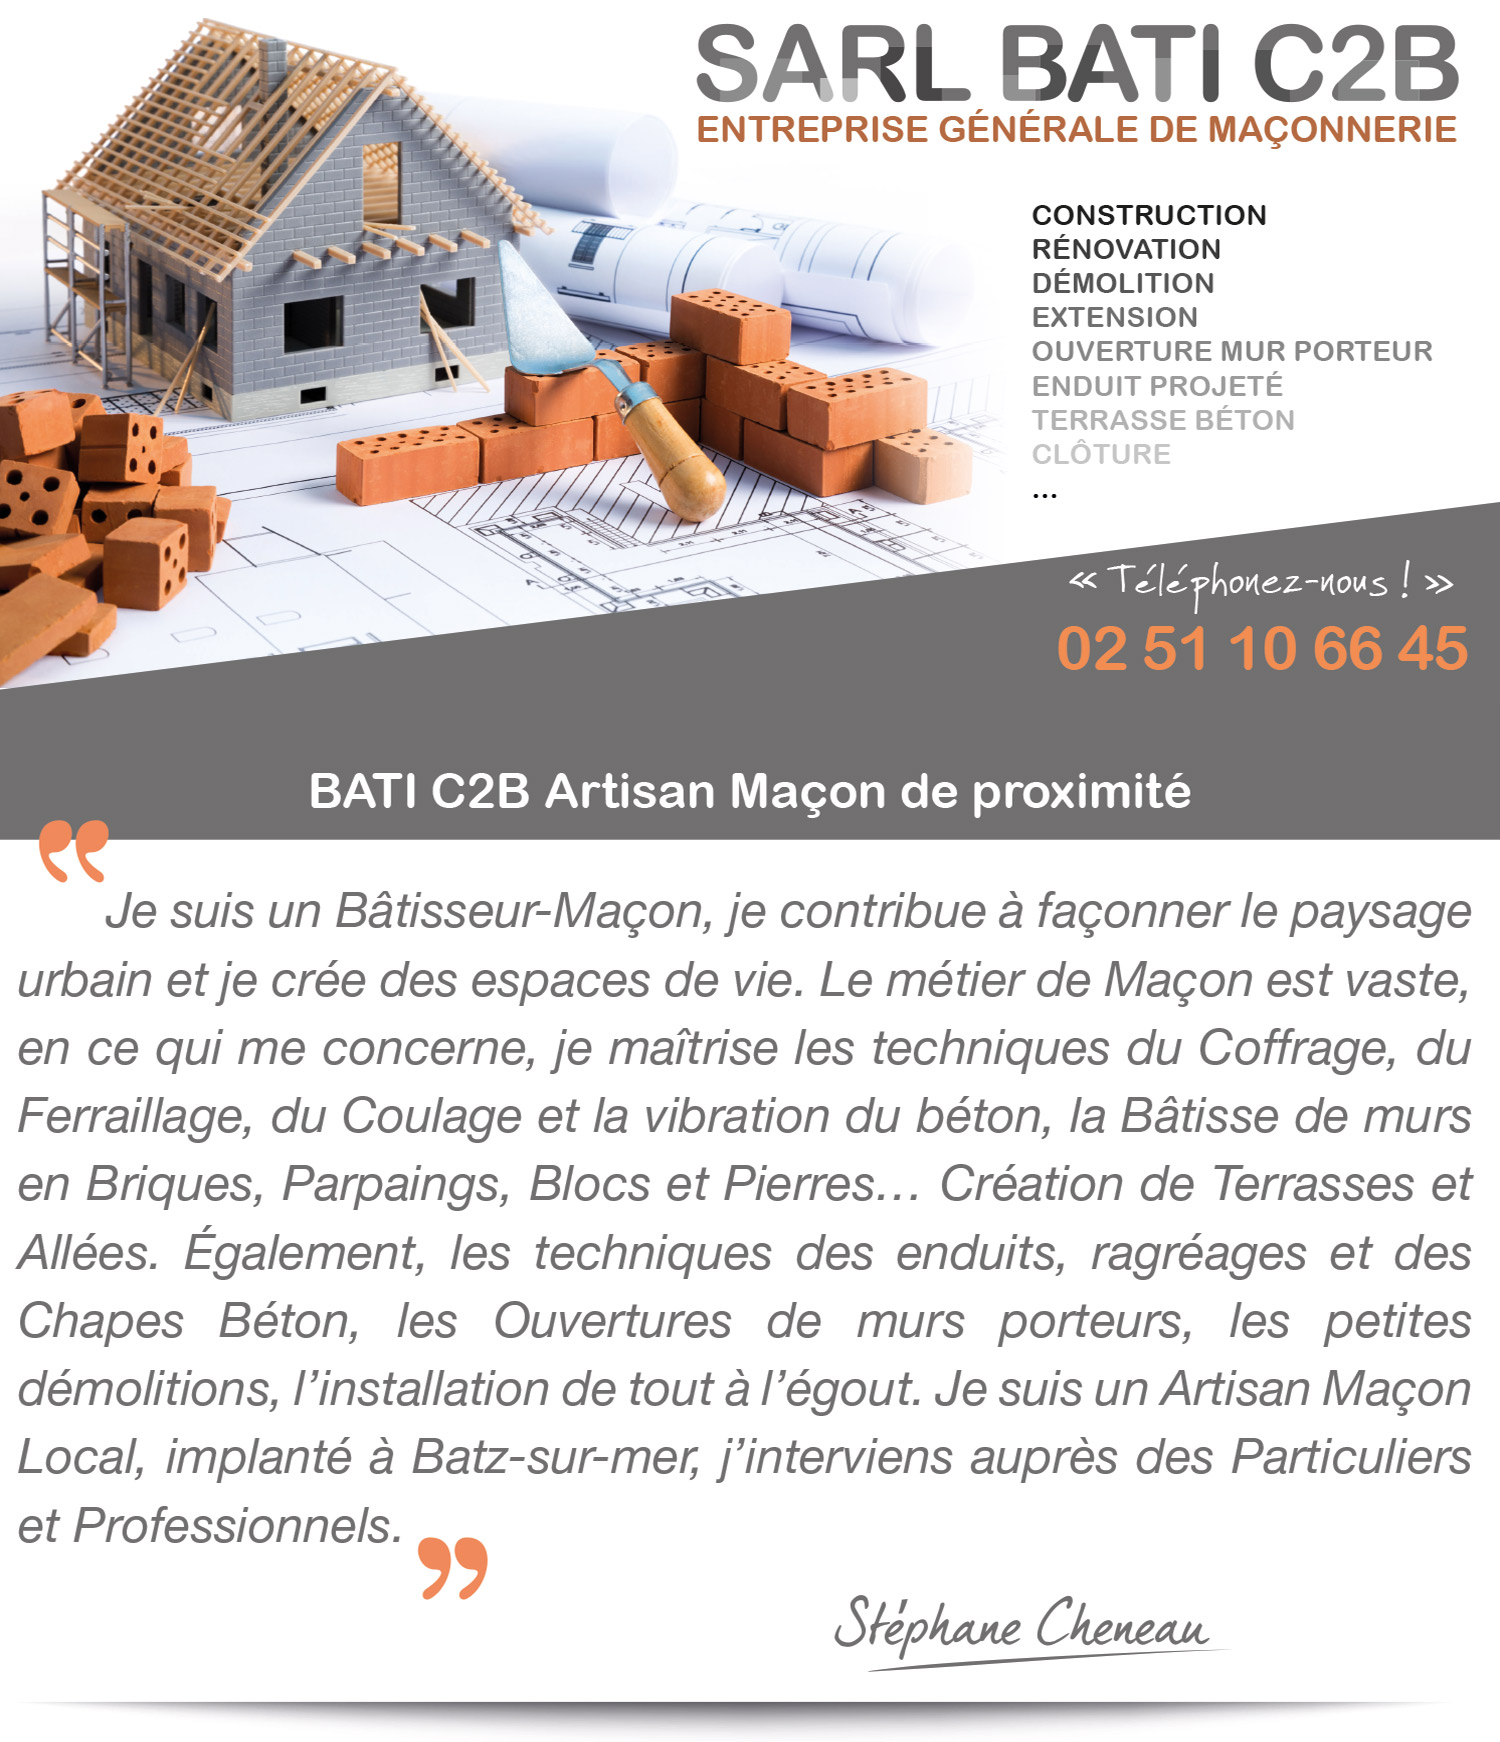 Maçonnerie générale La Baule Guérande Pornichet